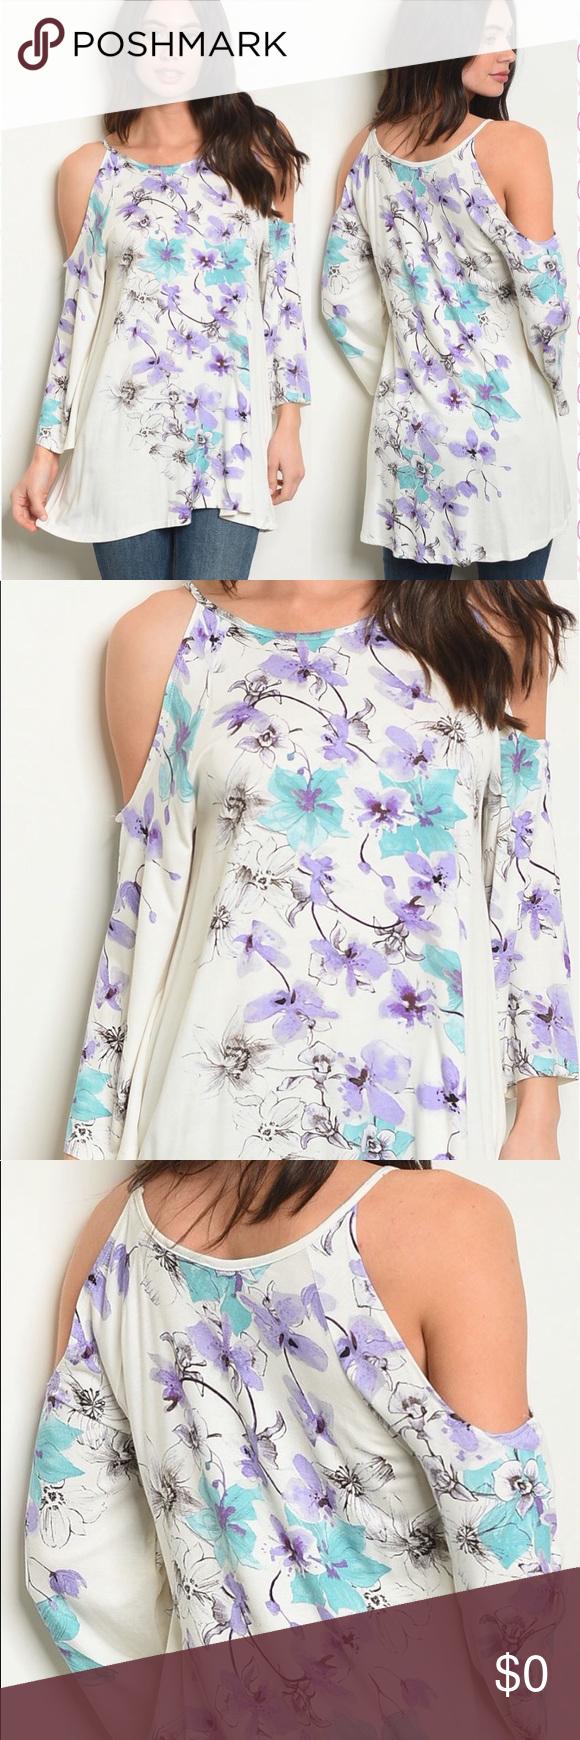 e3d0f876012260 ❤️DARLING IVORY COLD SHOULDER FLORAL TUNIC TOP  Darling ivory cold shoulder  floral tunic top